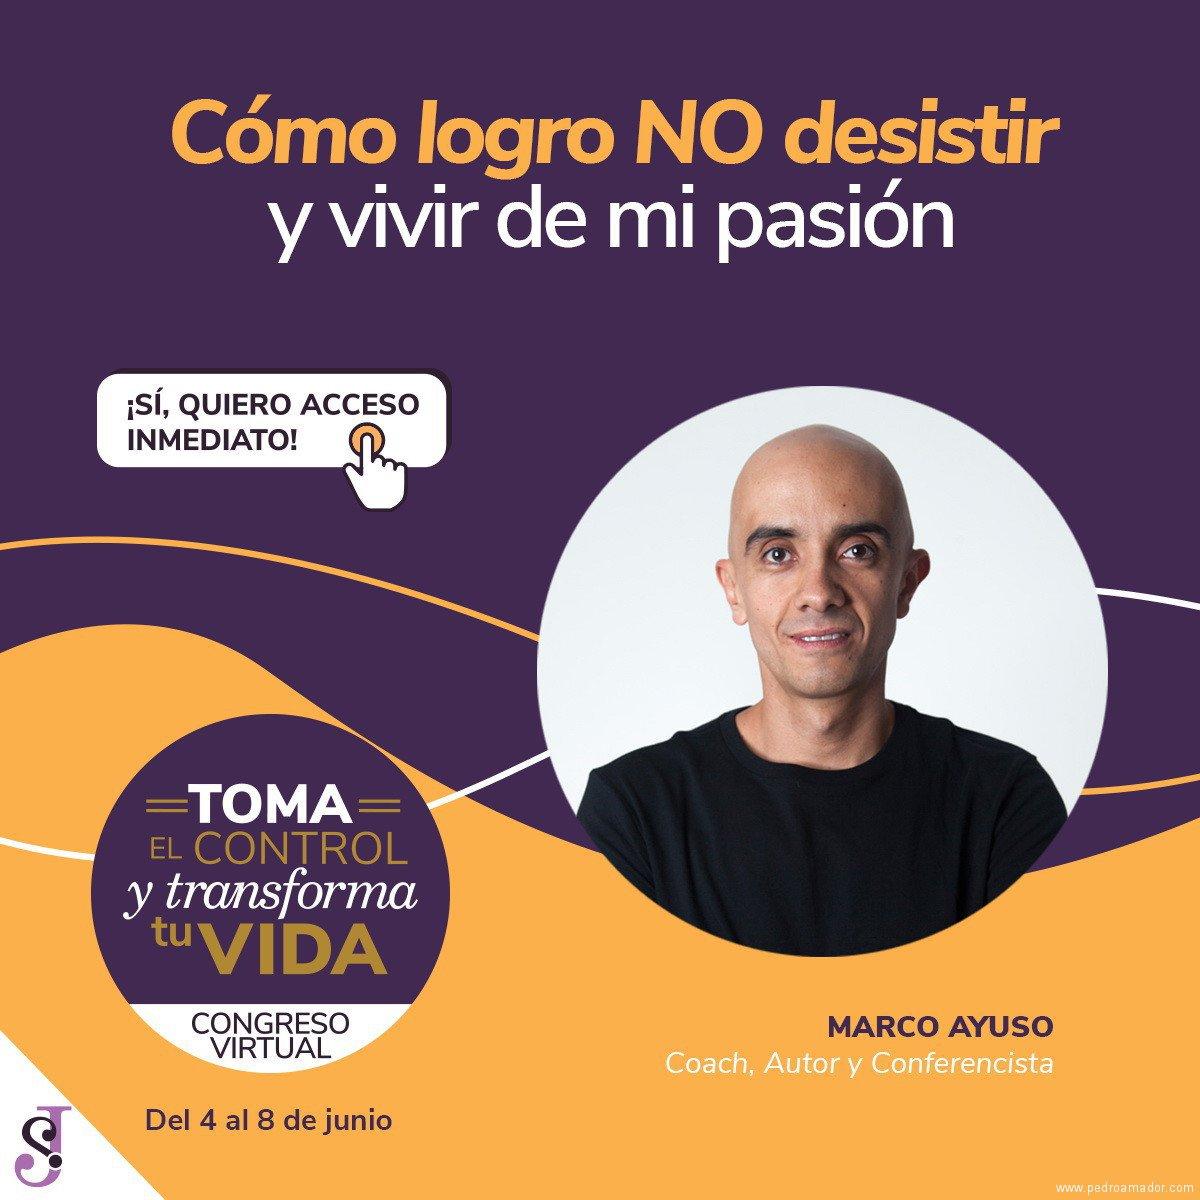 Transforma tu vida - Marco Ayuso